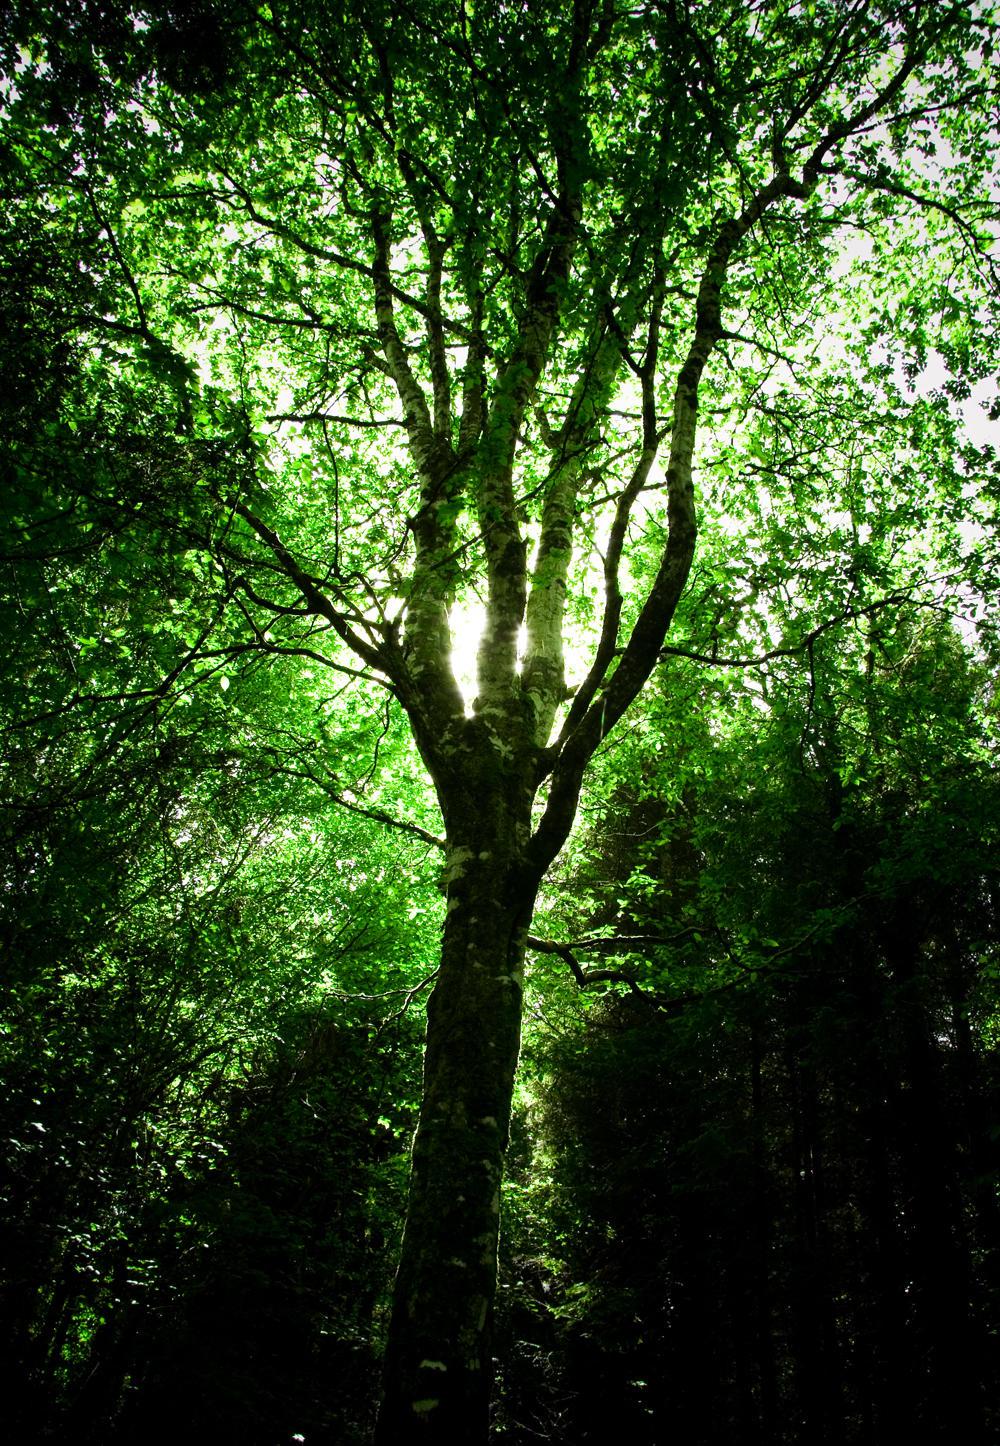 Coole Park trees